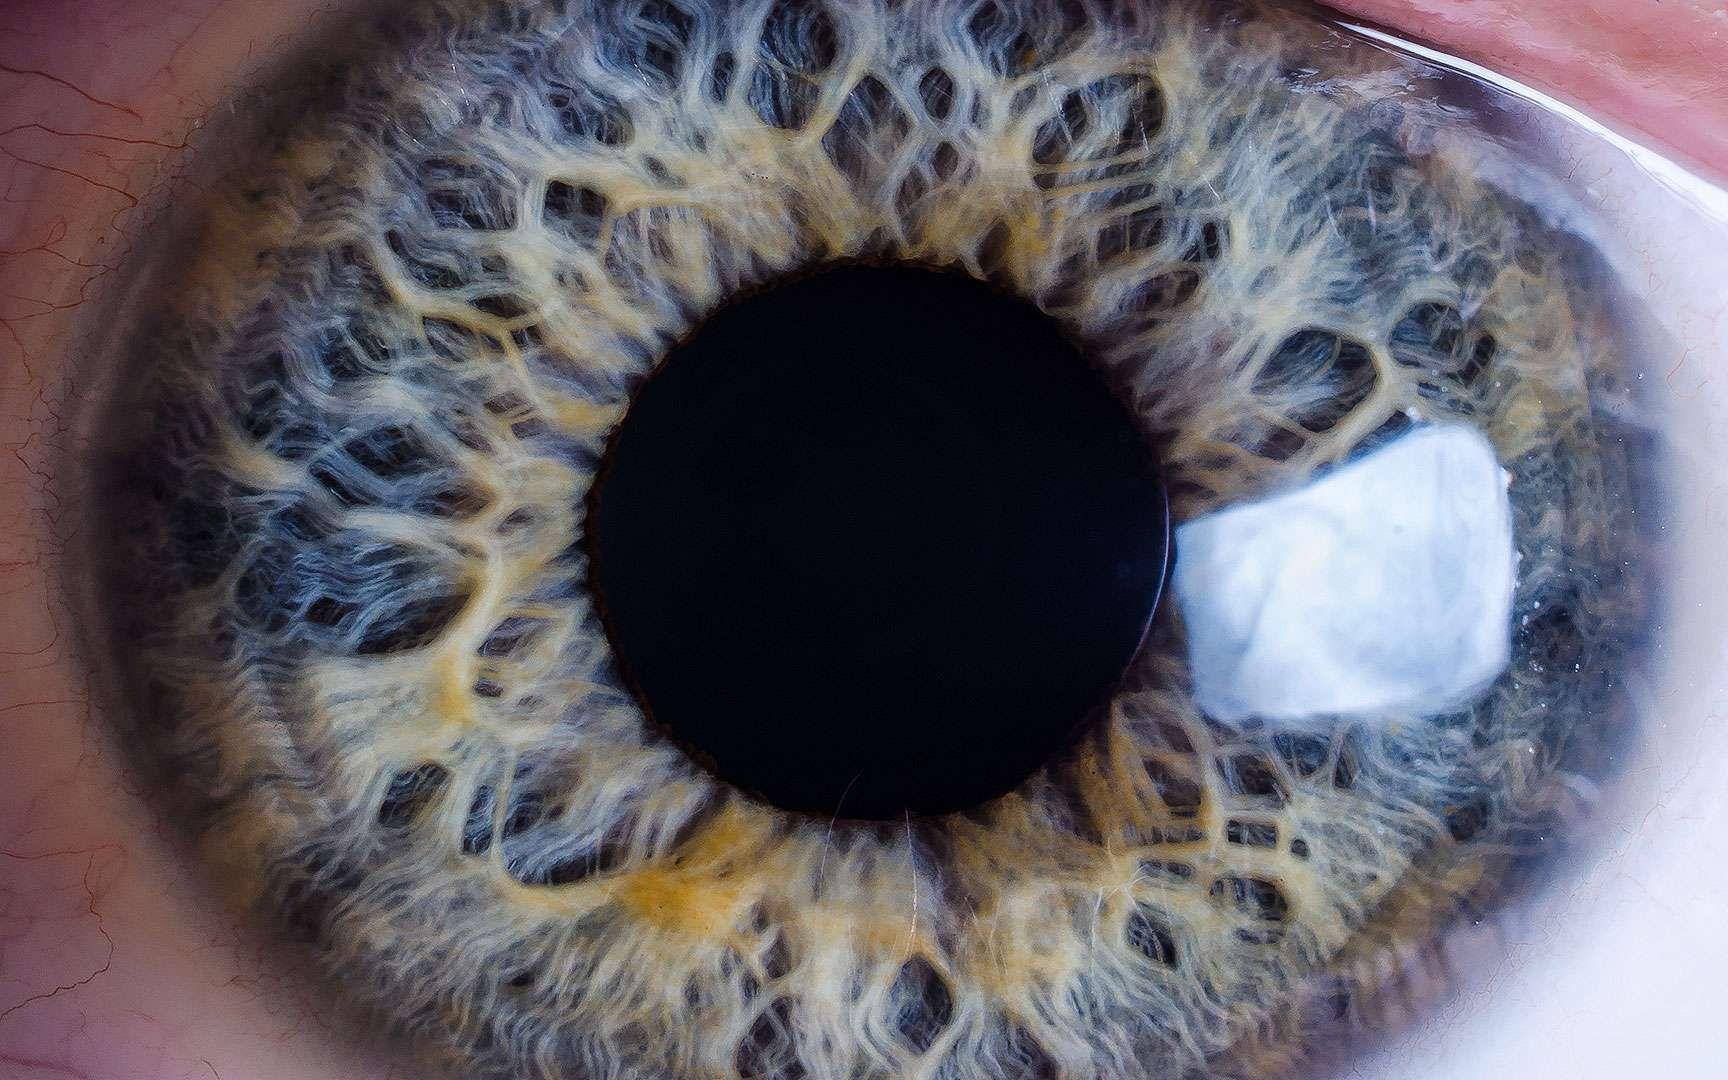 L œil Humain Et Son Fonctionnement En 12 Images œil Humain Yeux Iris Oeil